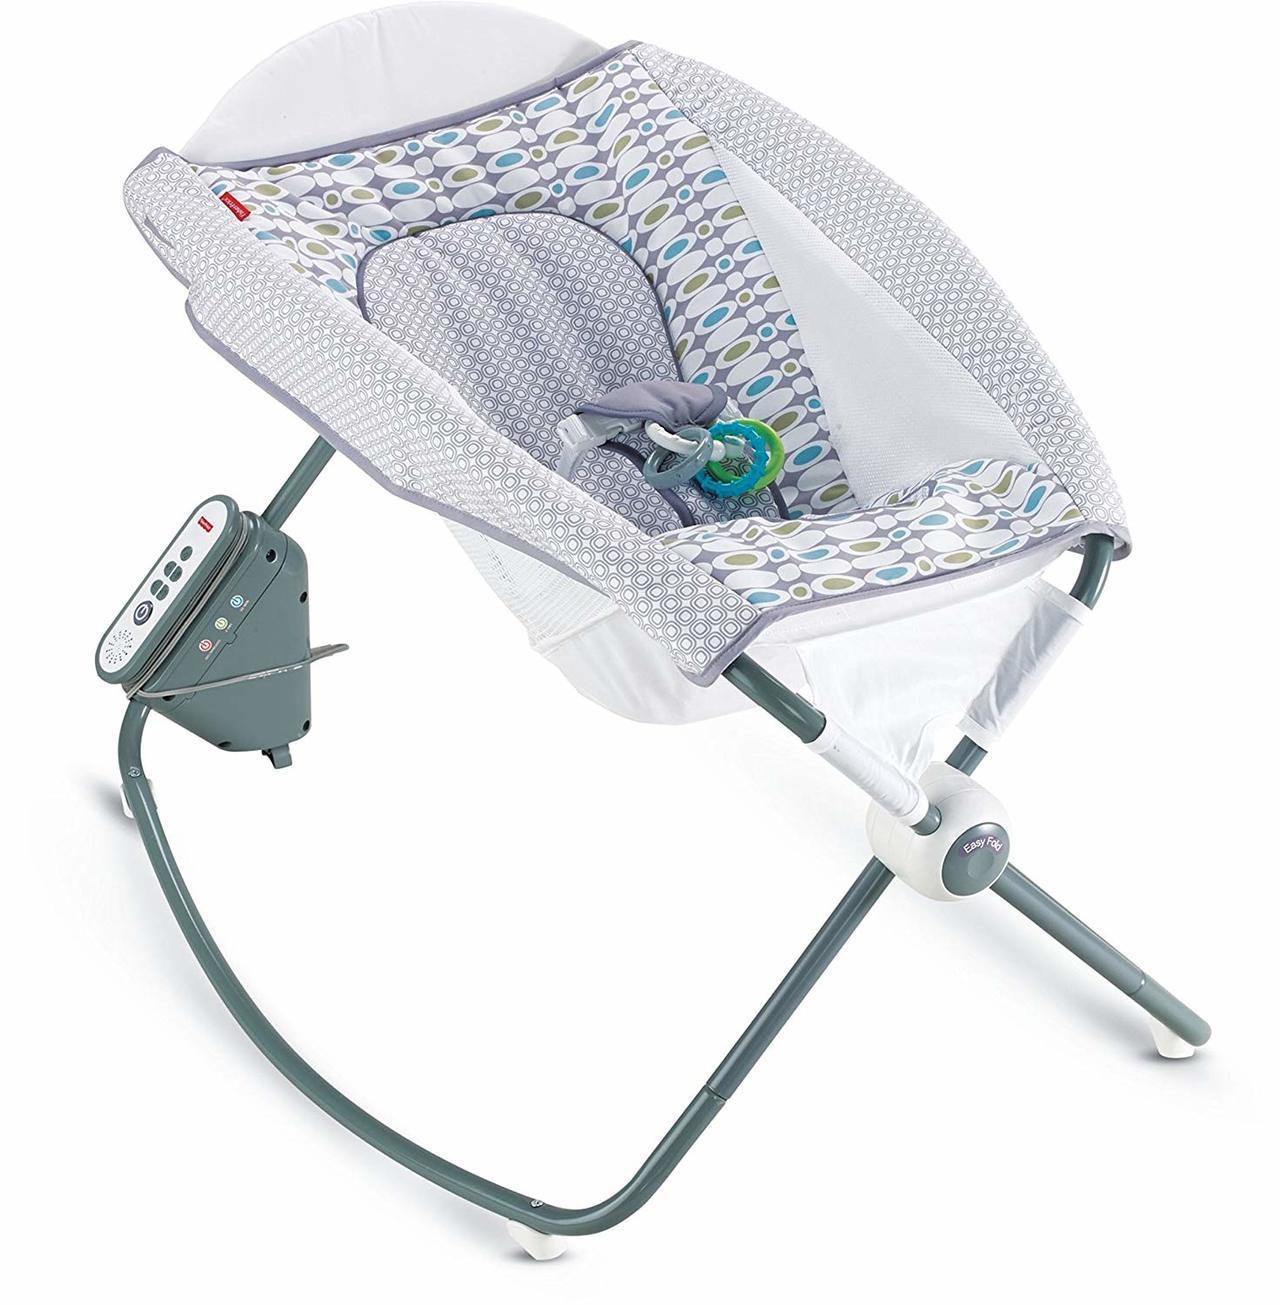 銷售頗佳的嬰兒搖籃兼遊戲床(Rock n Play Sleeper),由於設計不...